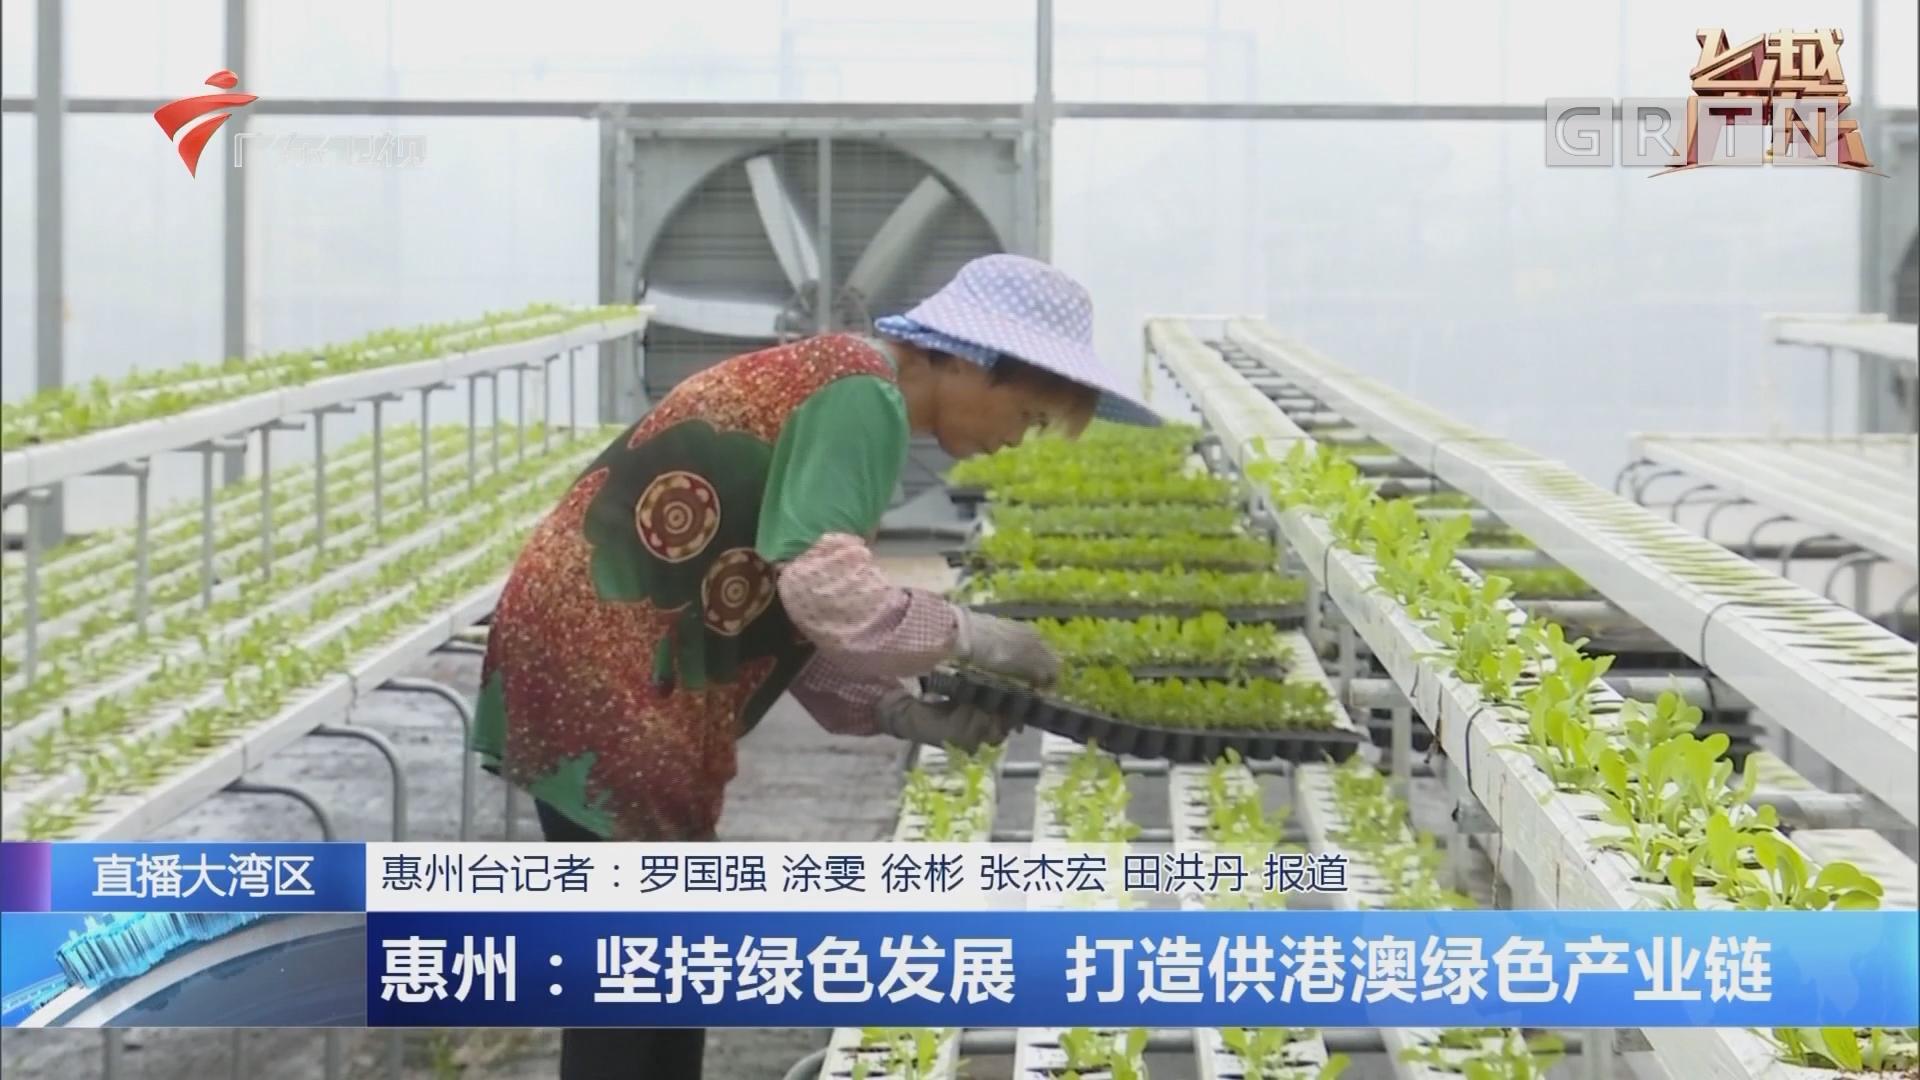 惠州:坚持绿色发展 打造供港澳绿色产业链